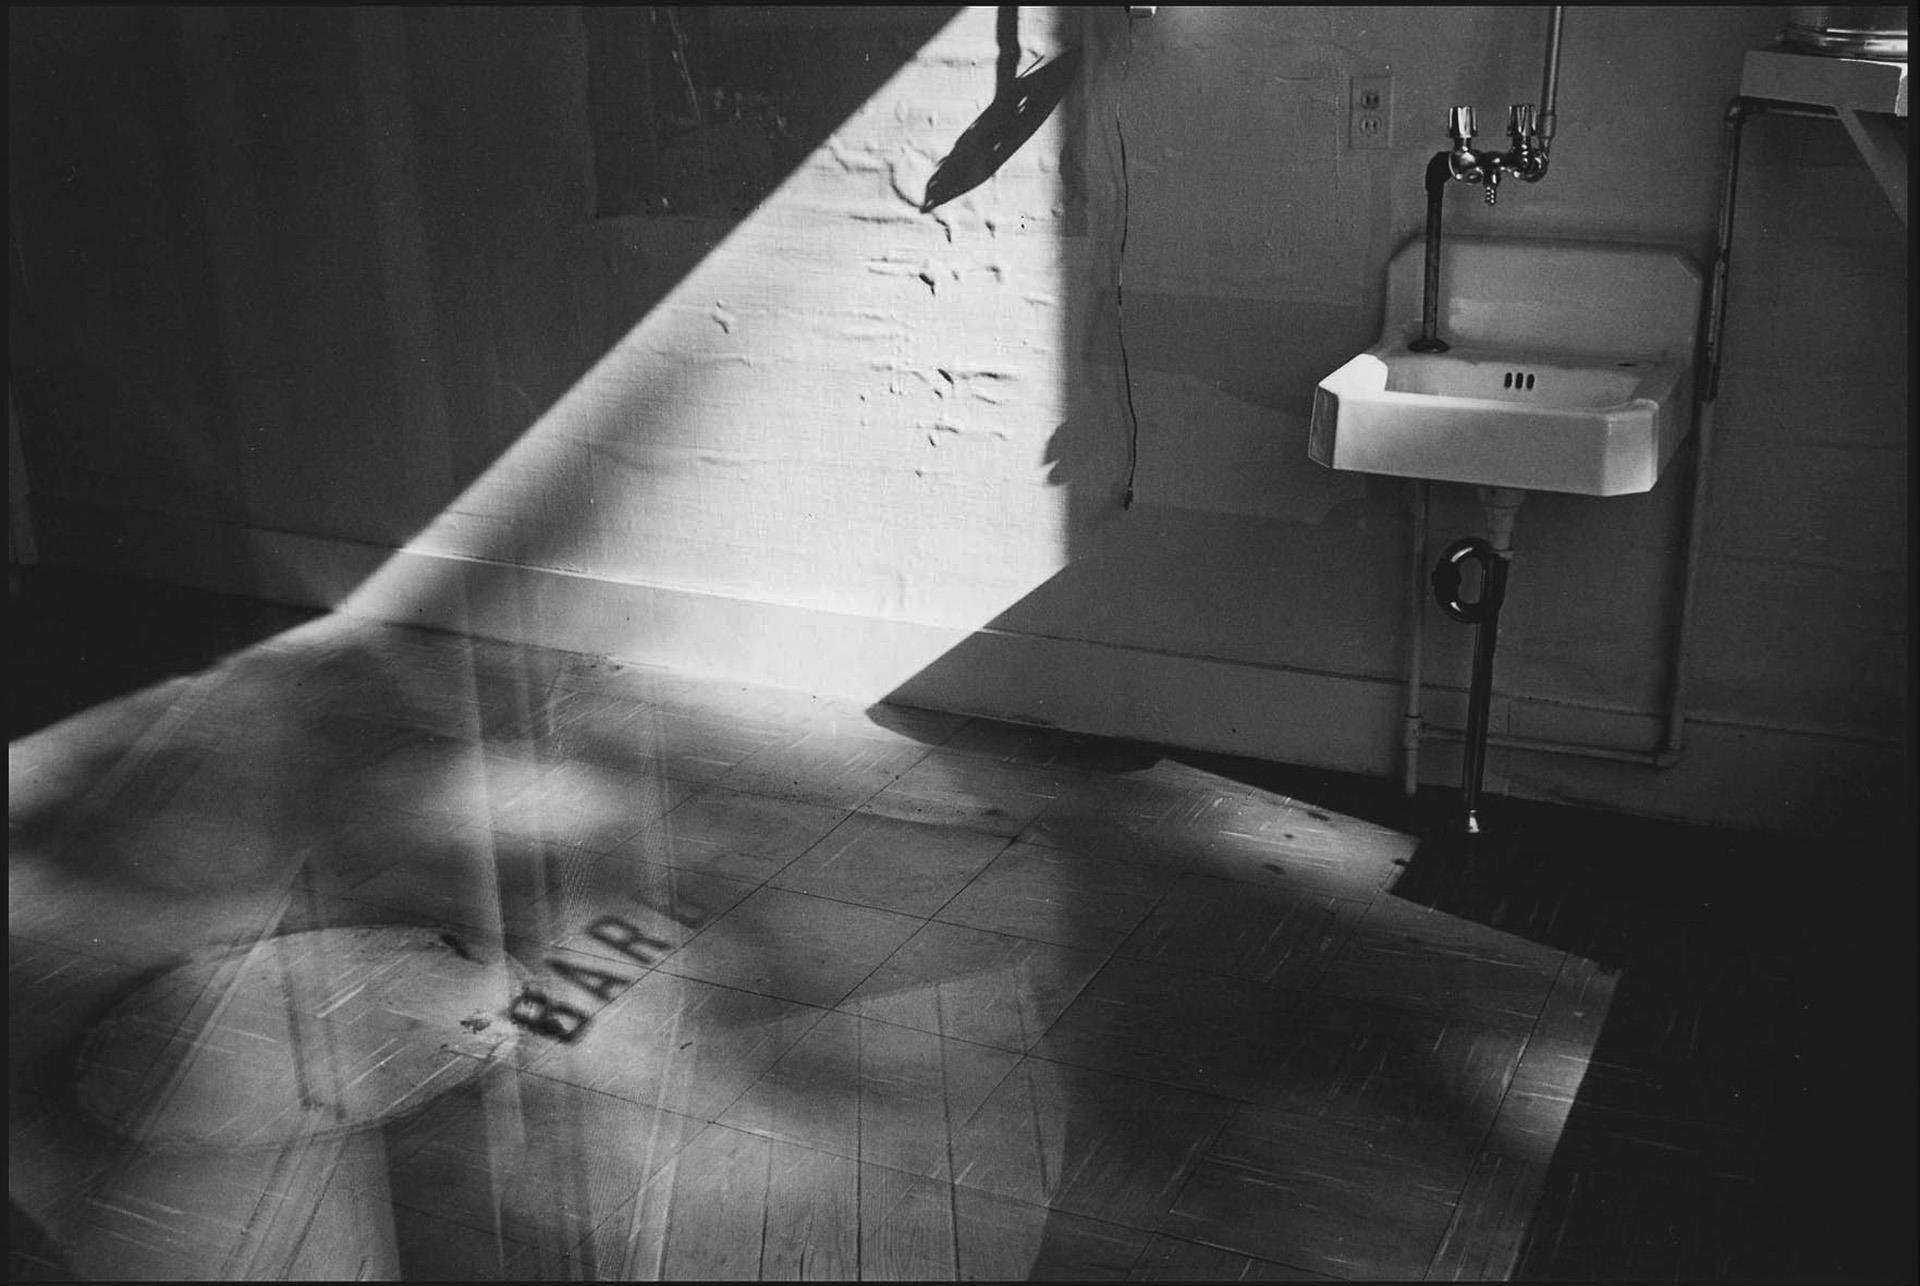 © Ron Testa